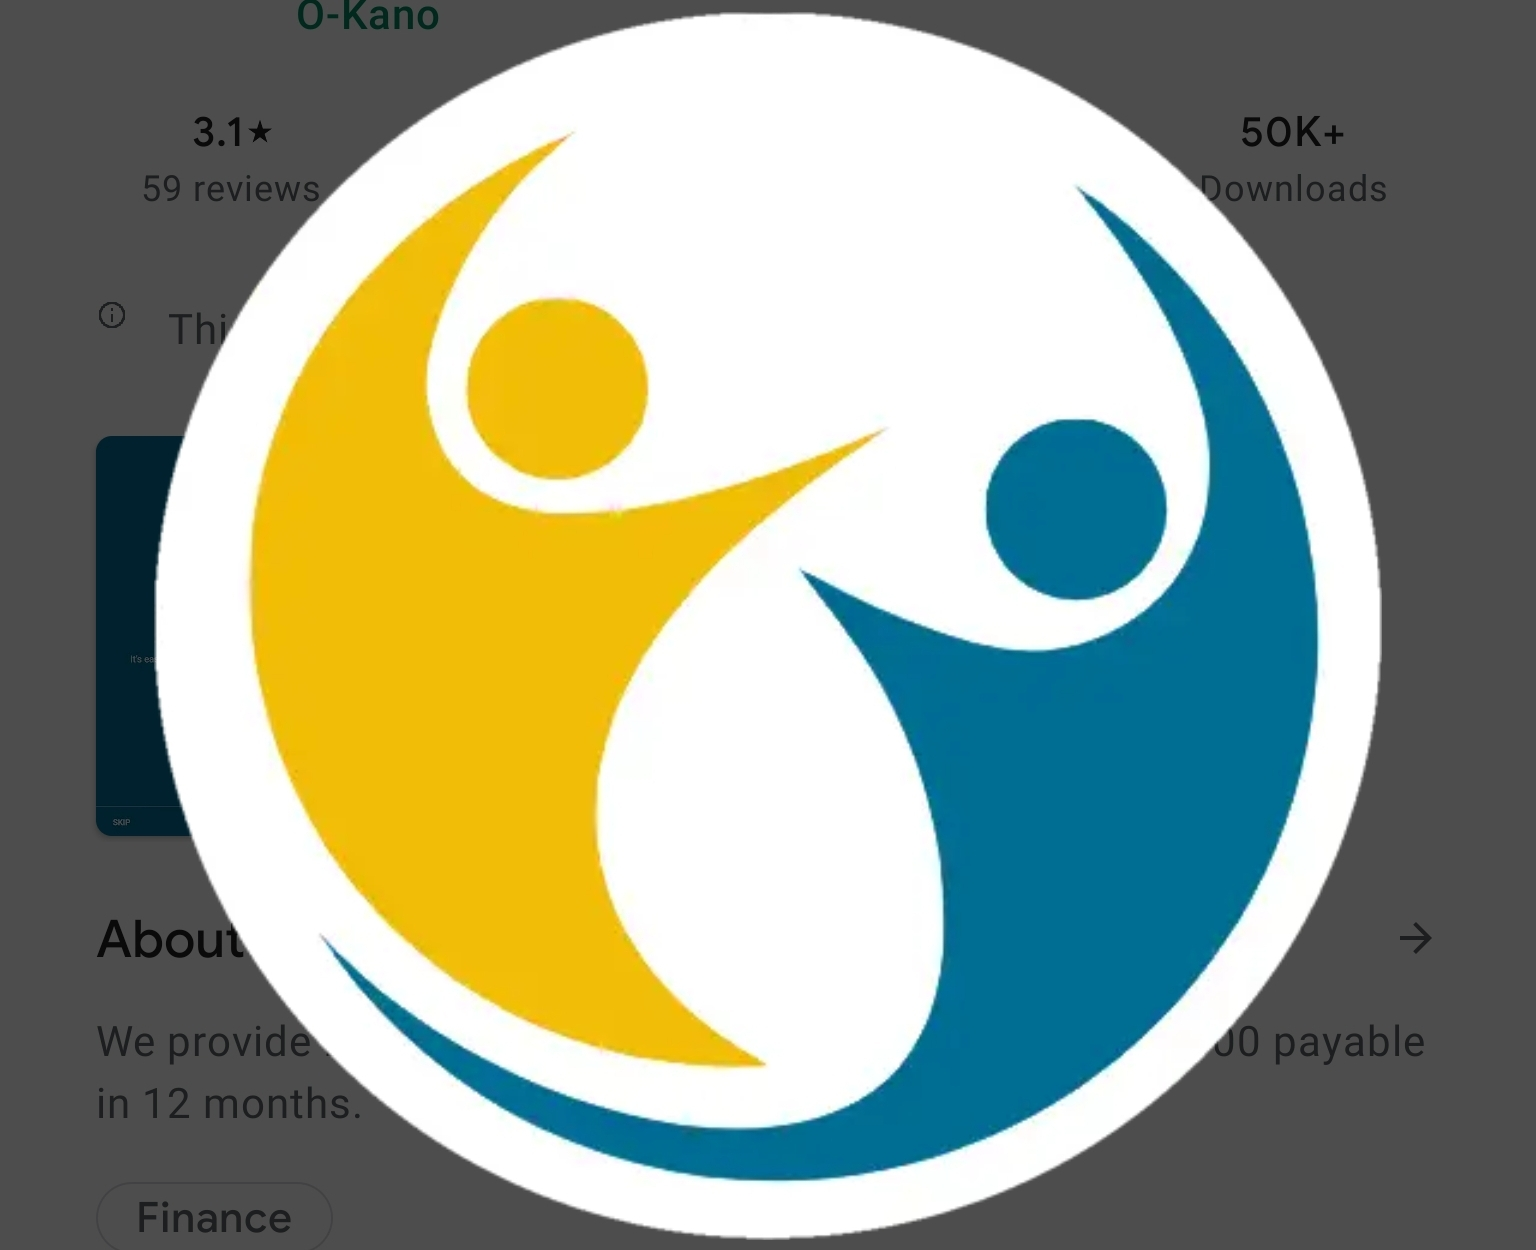 O-Kano Loan App